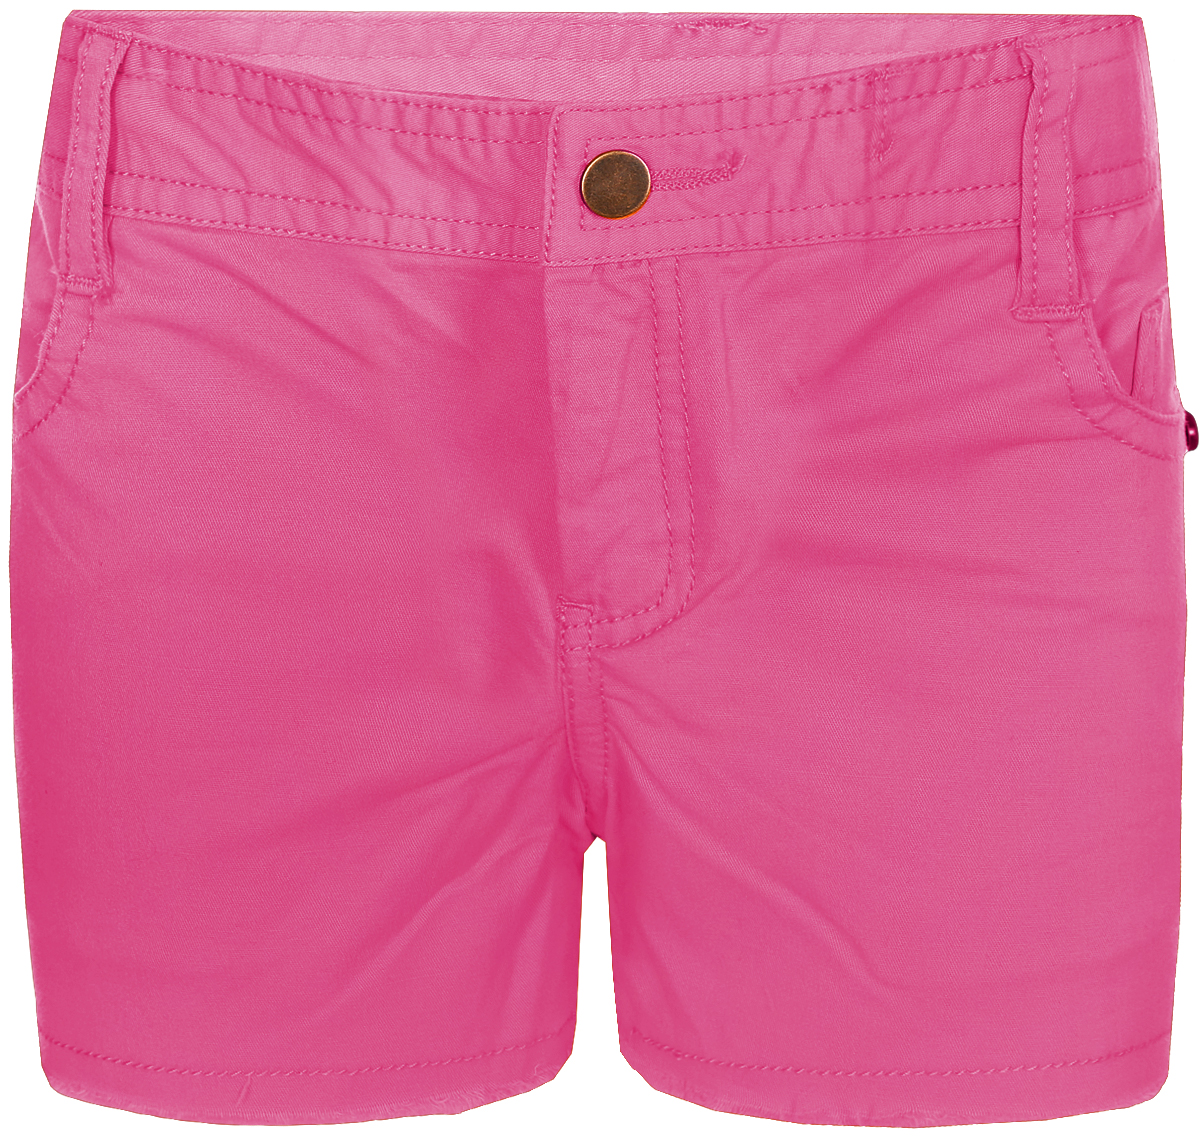 Шорты для девочки Sela, цвет: розовый. SH-515/524-8224. Размер 110, 5 летSH-515/524-8224